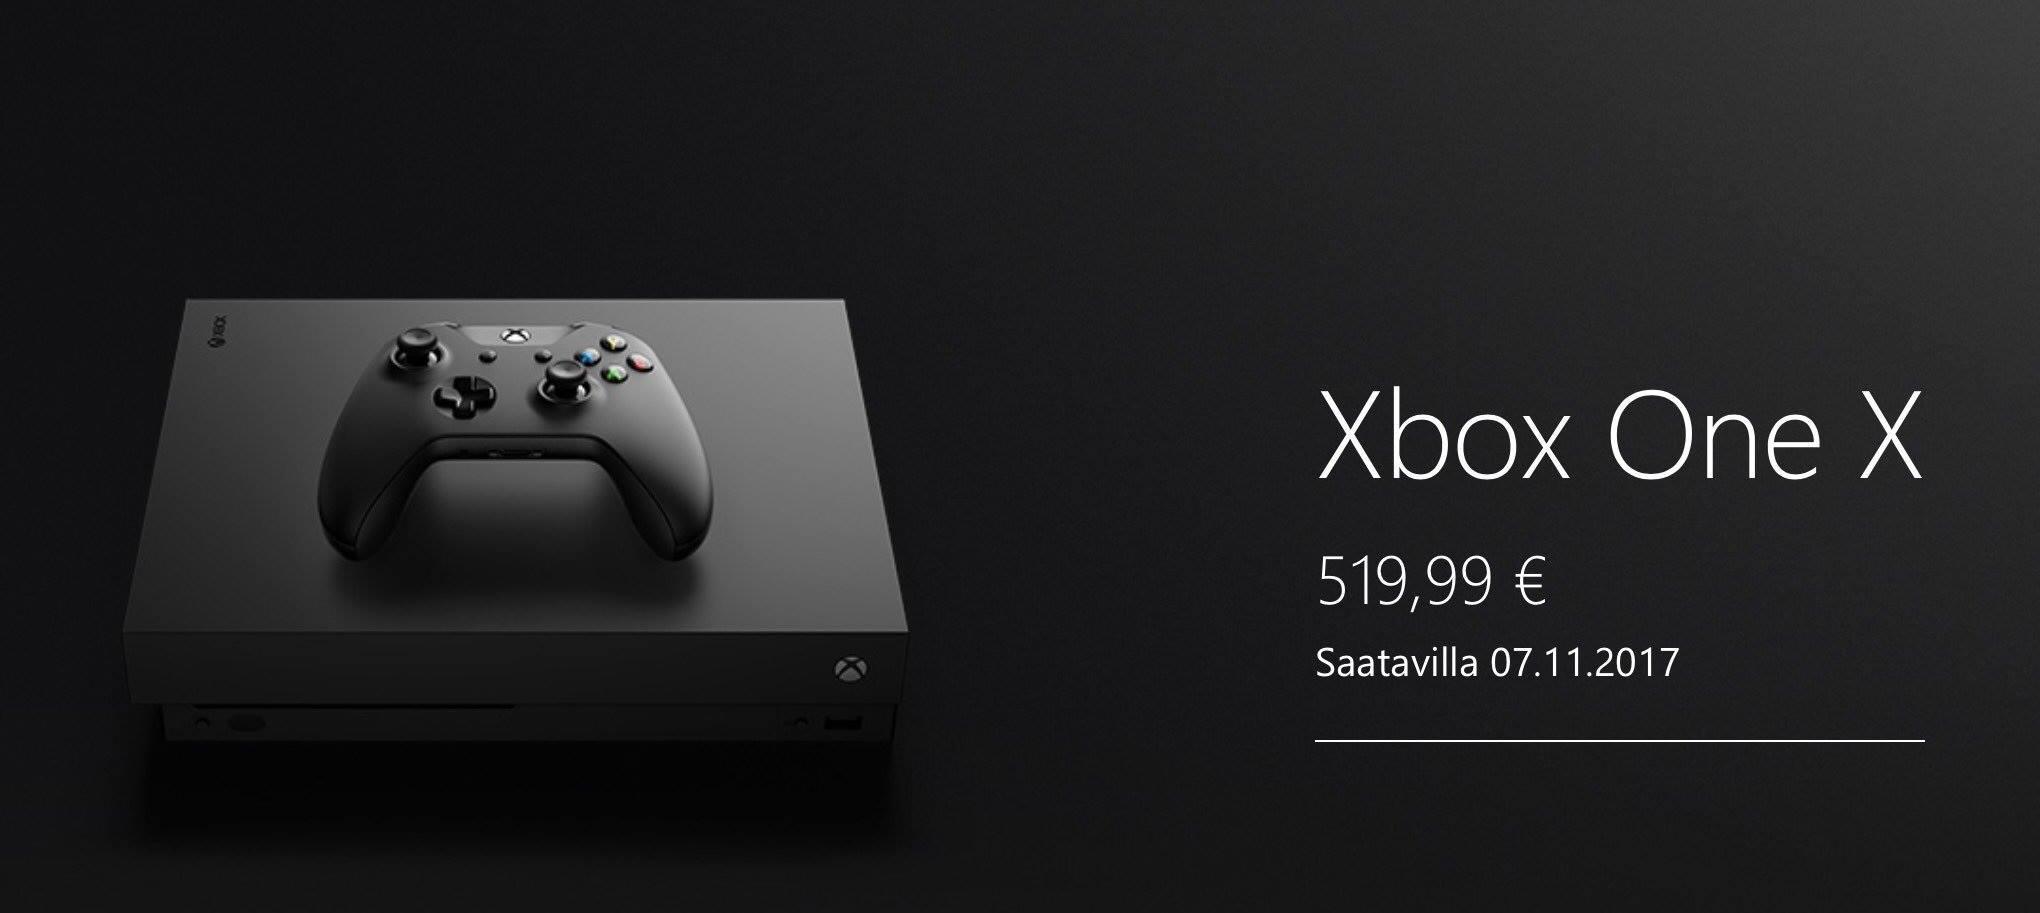 Xbox One X myyntiin marraskuussa hintaan 519,99€